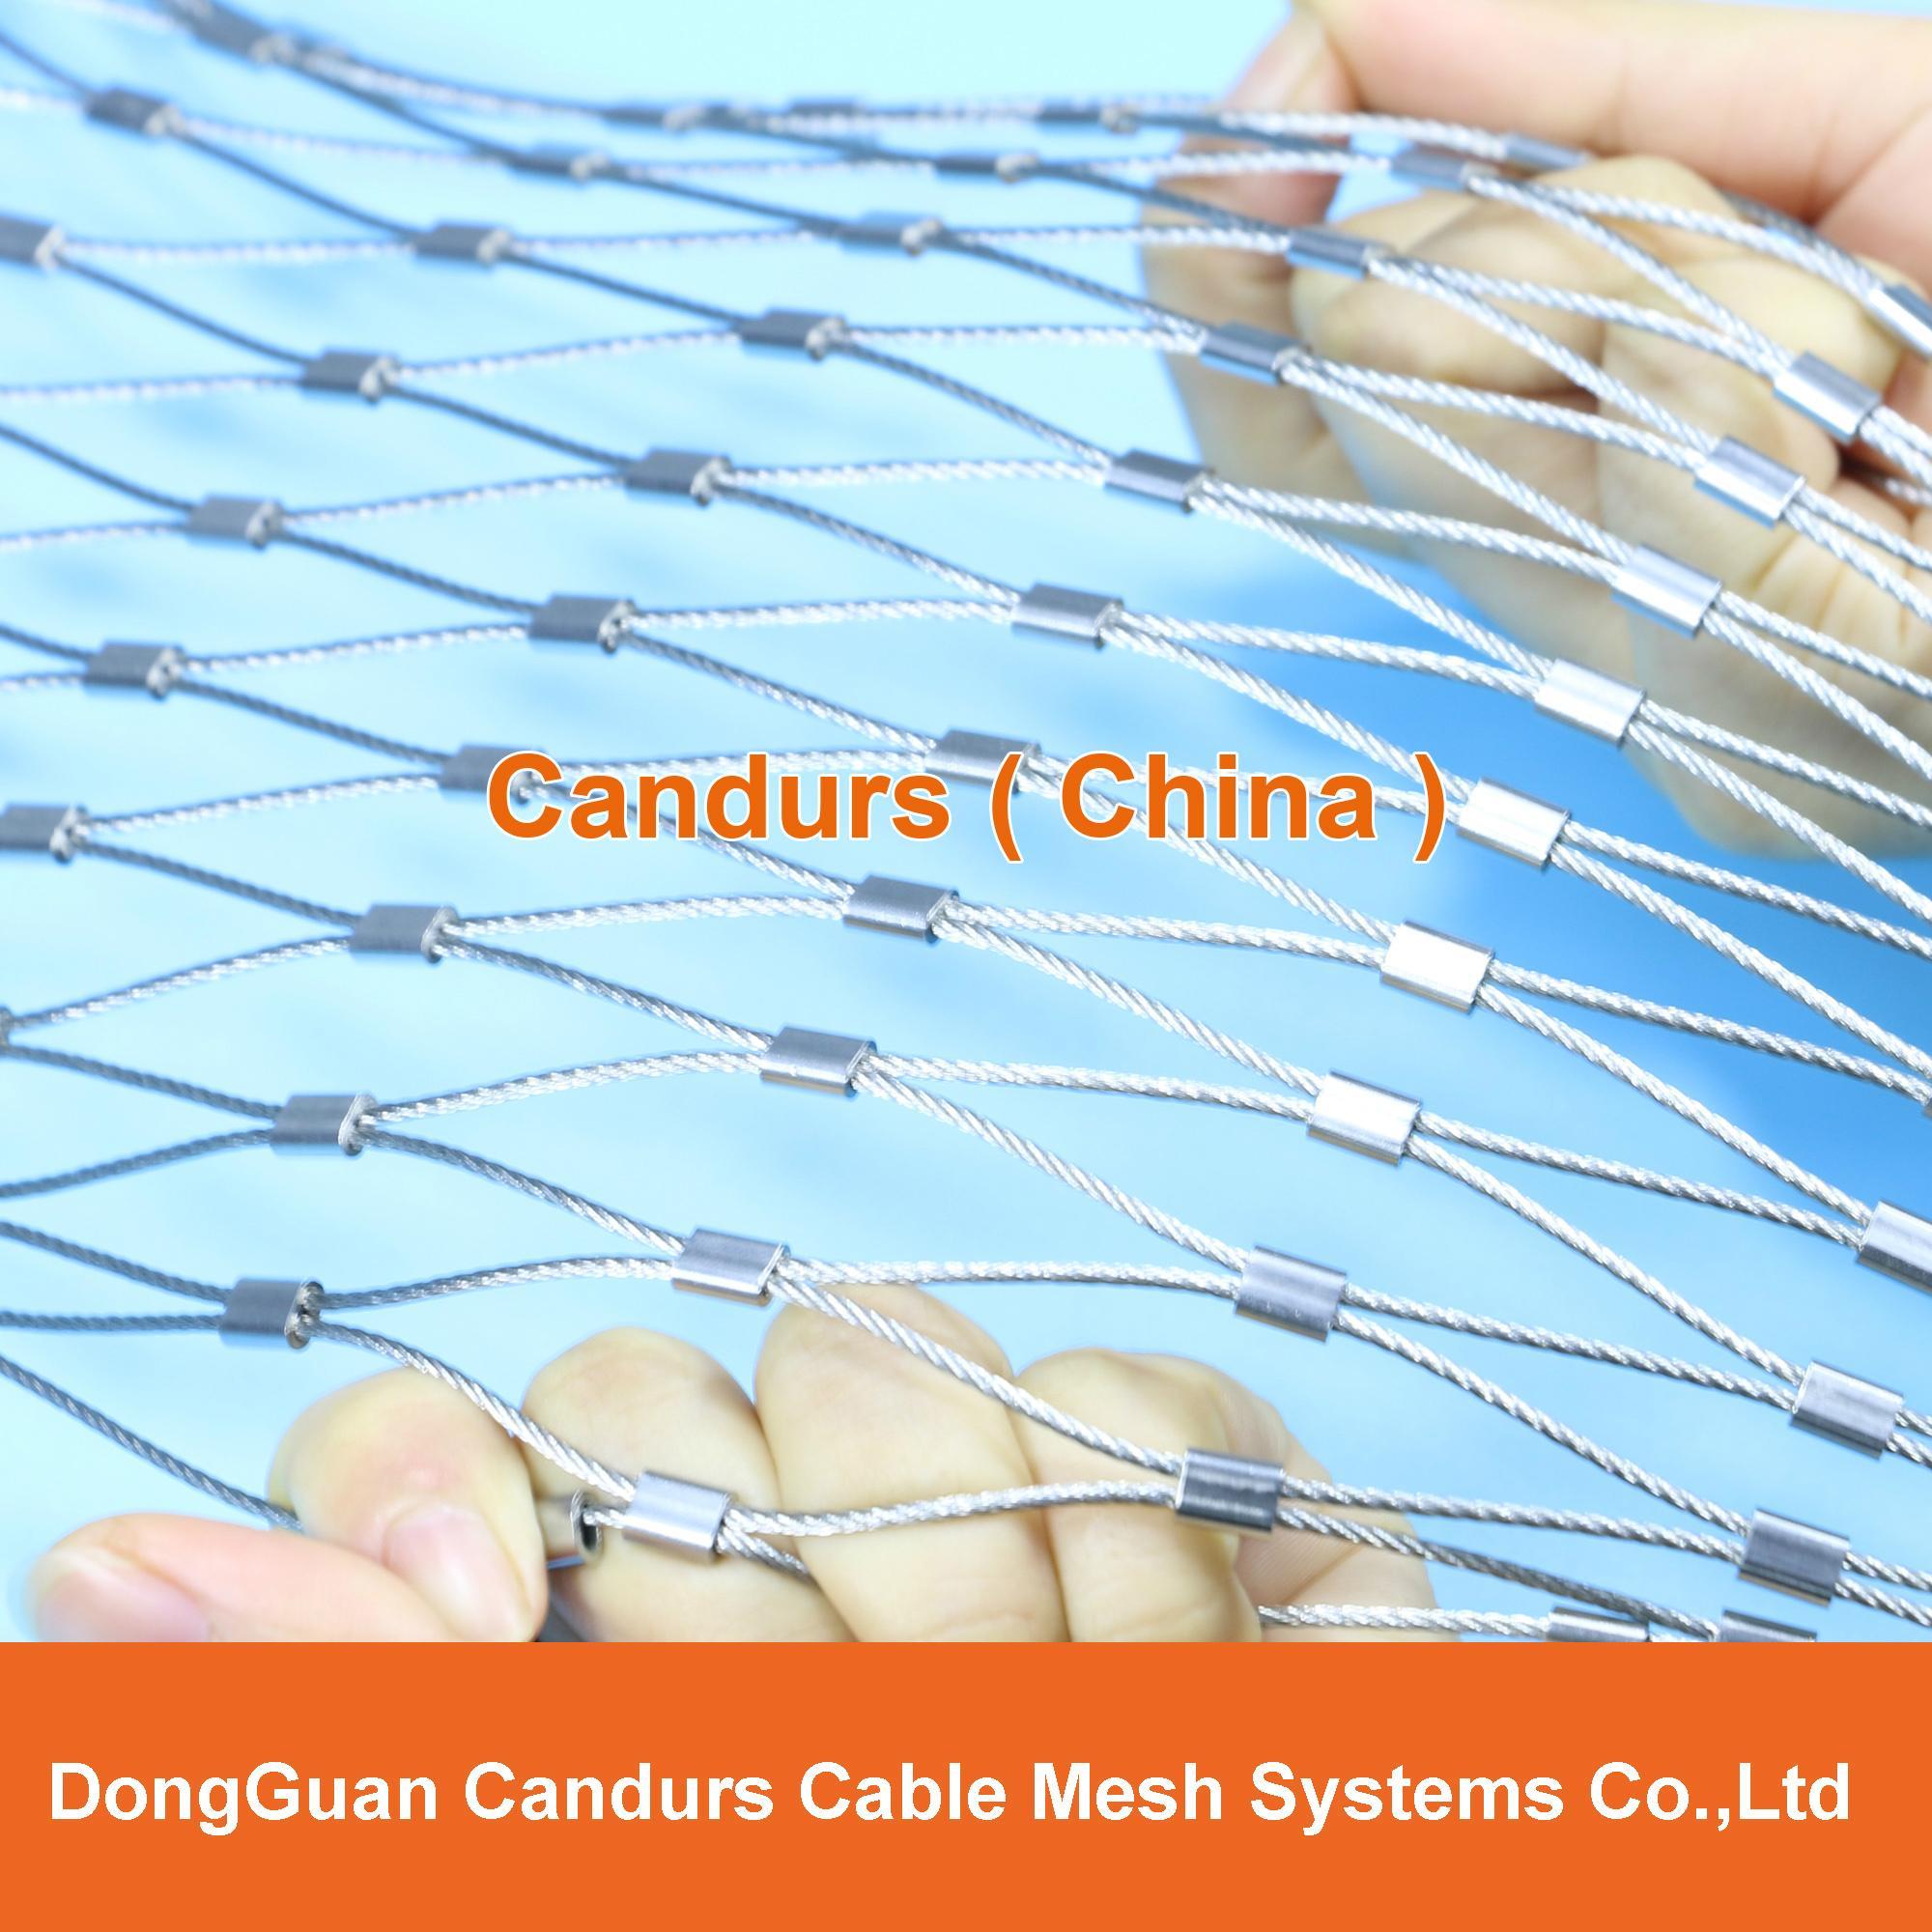 新工藝不鏽鋼扶手網 10